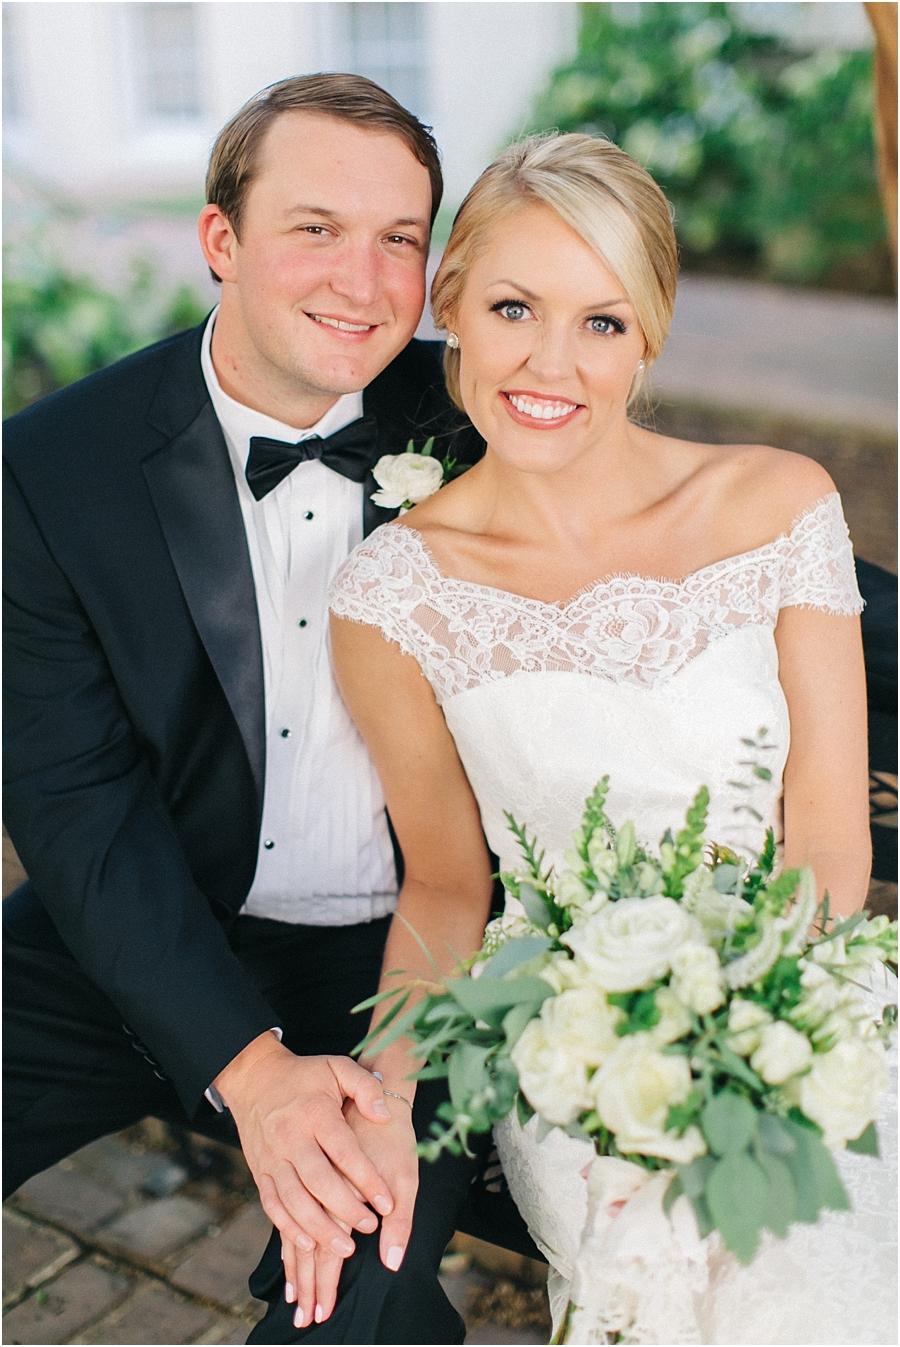 Luke and amanda wedding